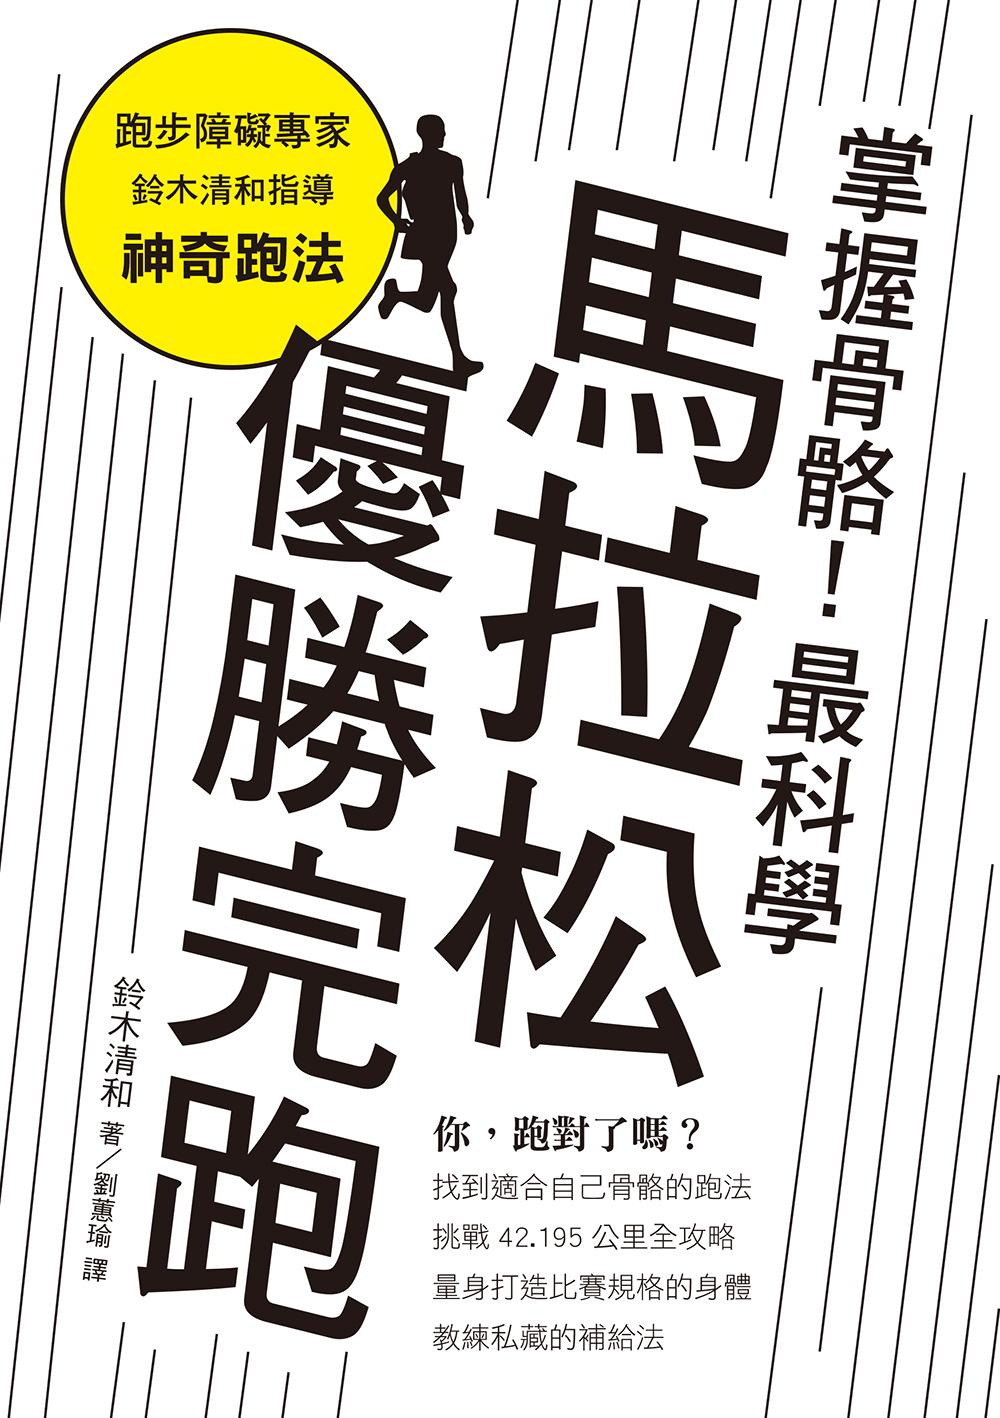 http://im2.book.com.tw/image/getImage?i=http://www.books.com.tw/img/001/069/37/0010693759_bc_01.jpg&v=561f8e93&w=655&h=609